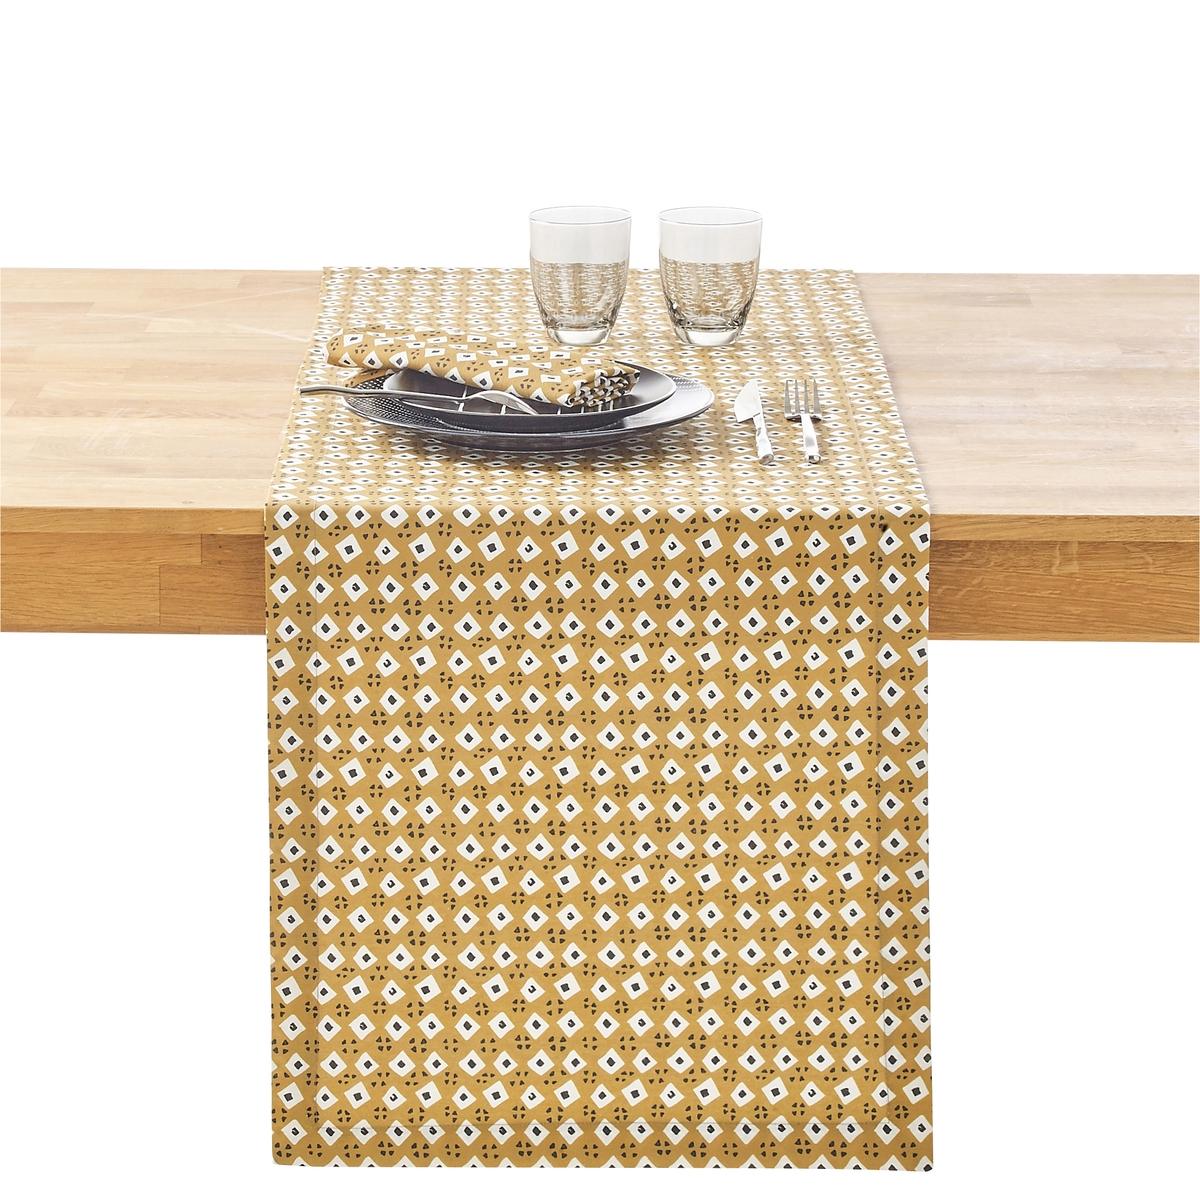 Дорожка столовая с рисунком MACAO дорожка столовая éventail